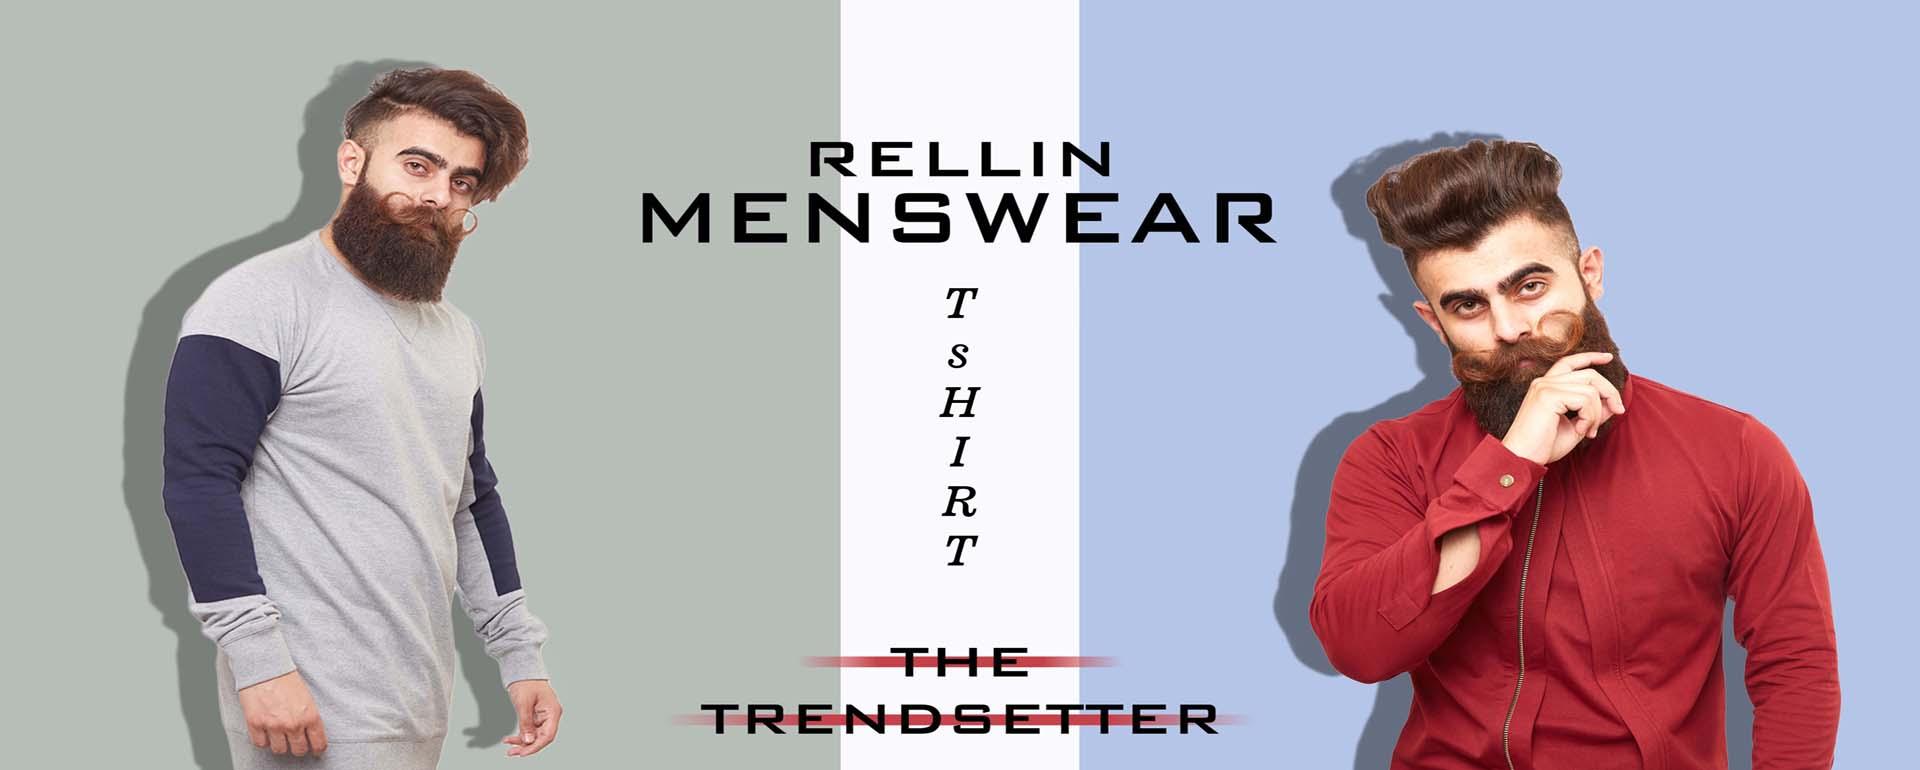 Rellin-T-shirt-Banner